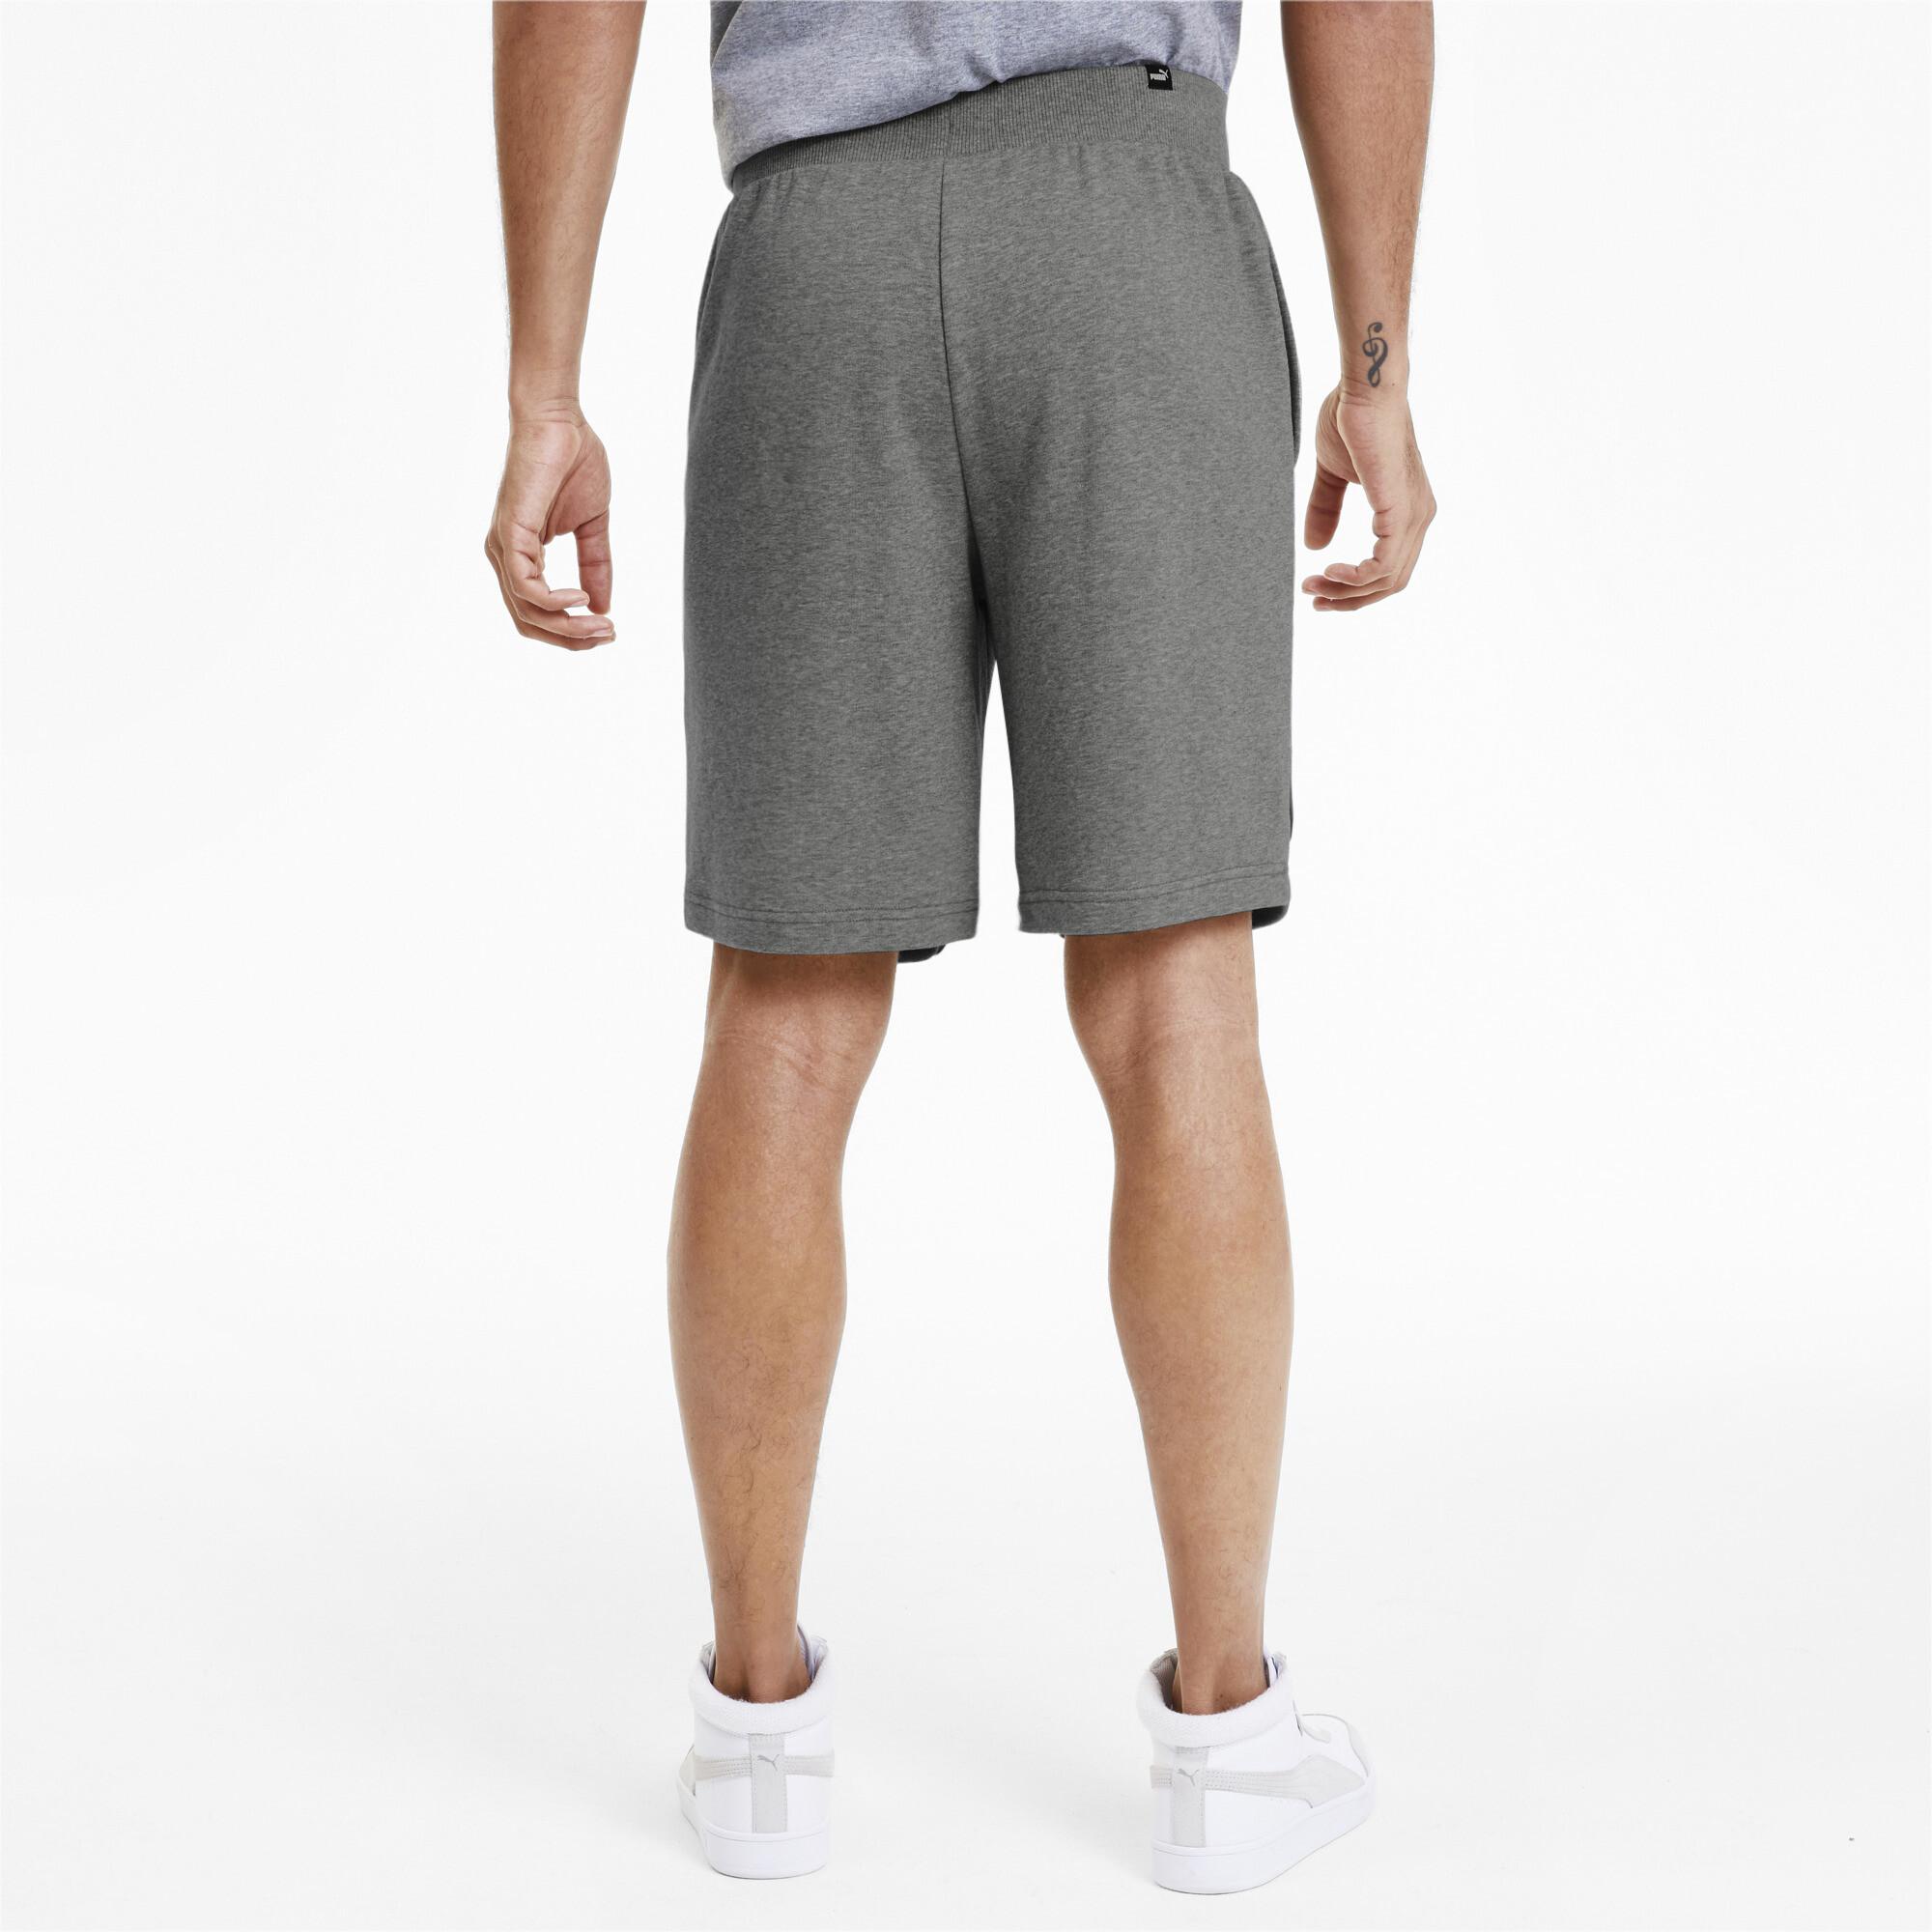 PUMA-Rebel-Block-Men-039-s-Shorts-Men-Knitted-Shorts-Basics thumbnail 10